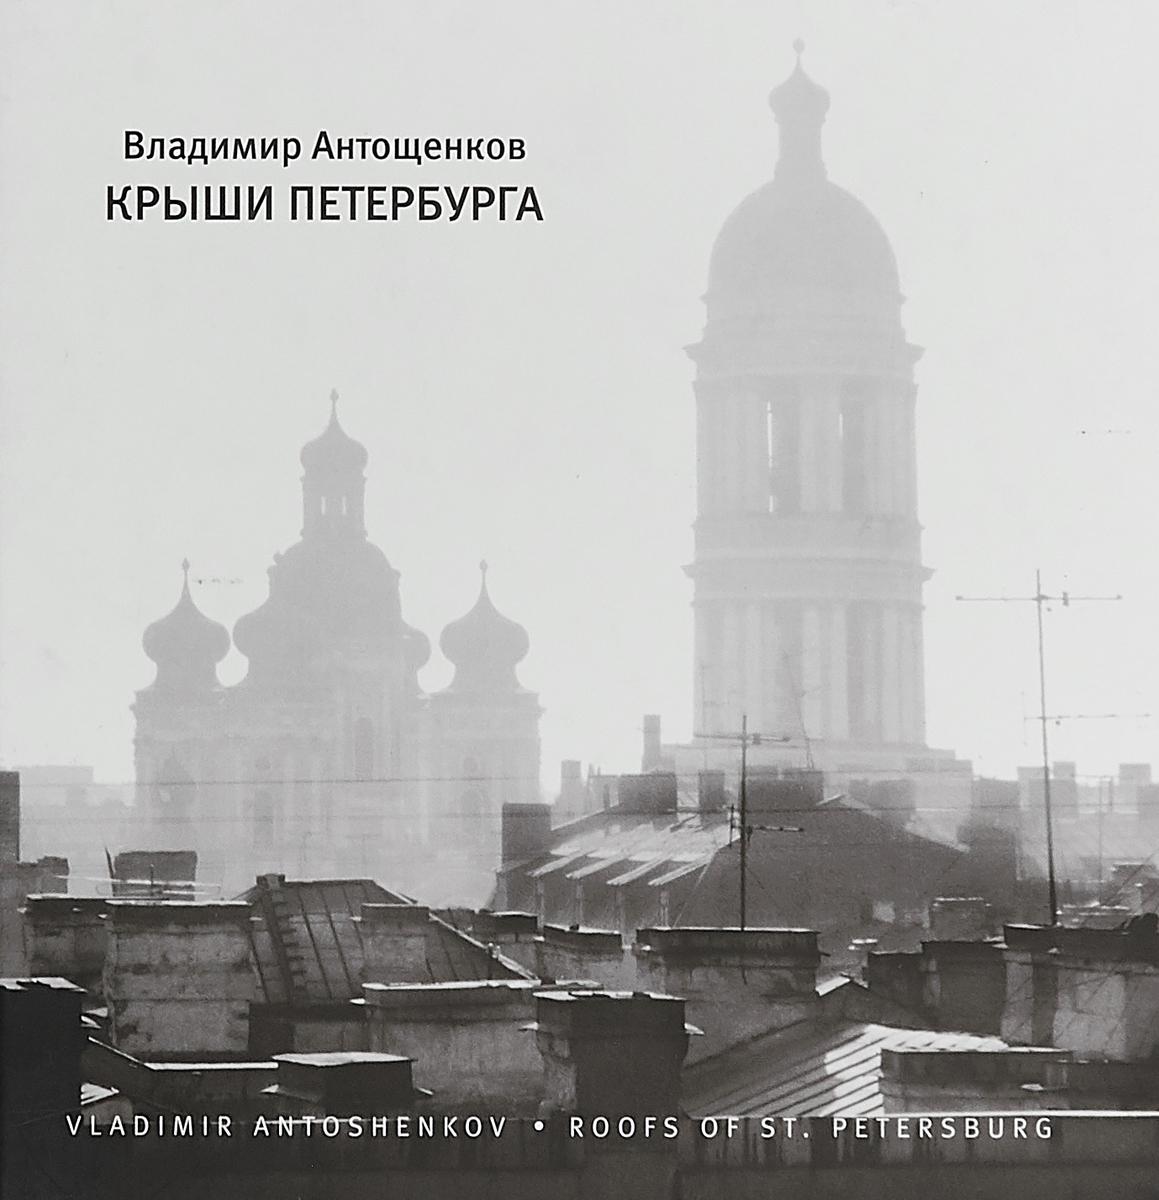 В. Антощенков Крыши Петербурга. Фотоальбом